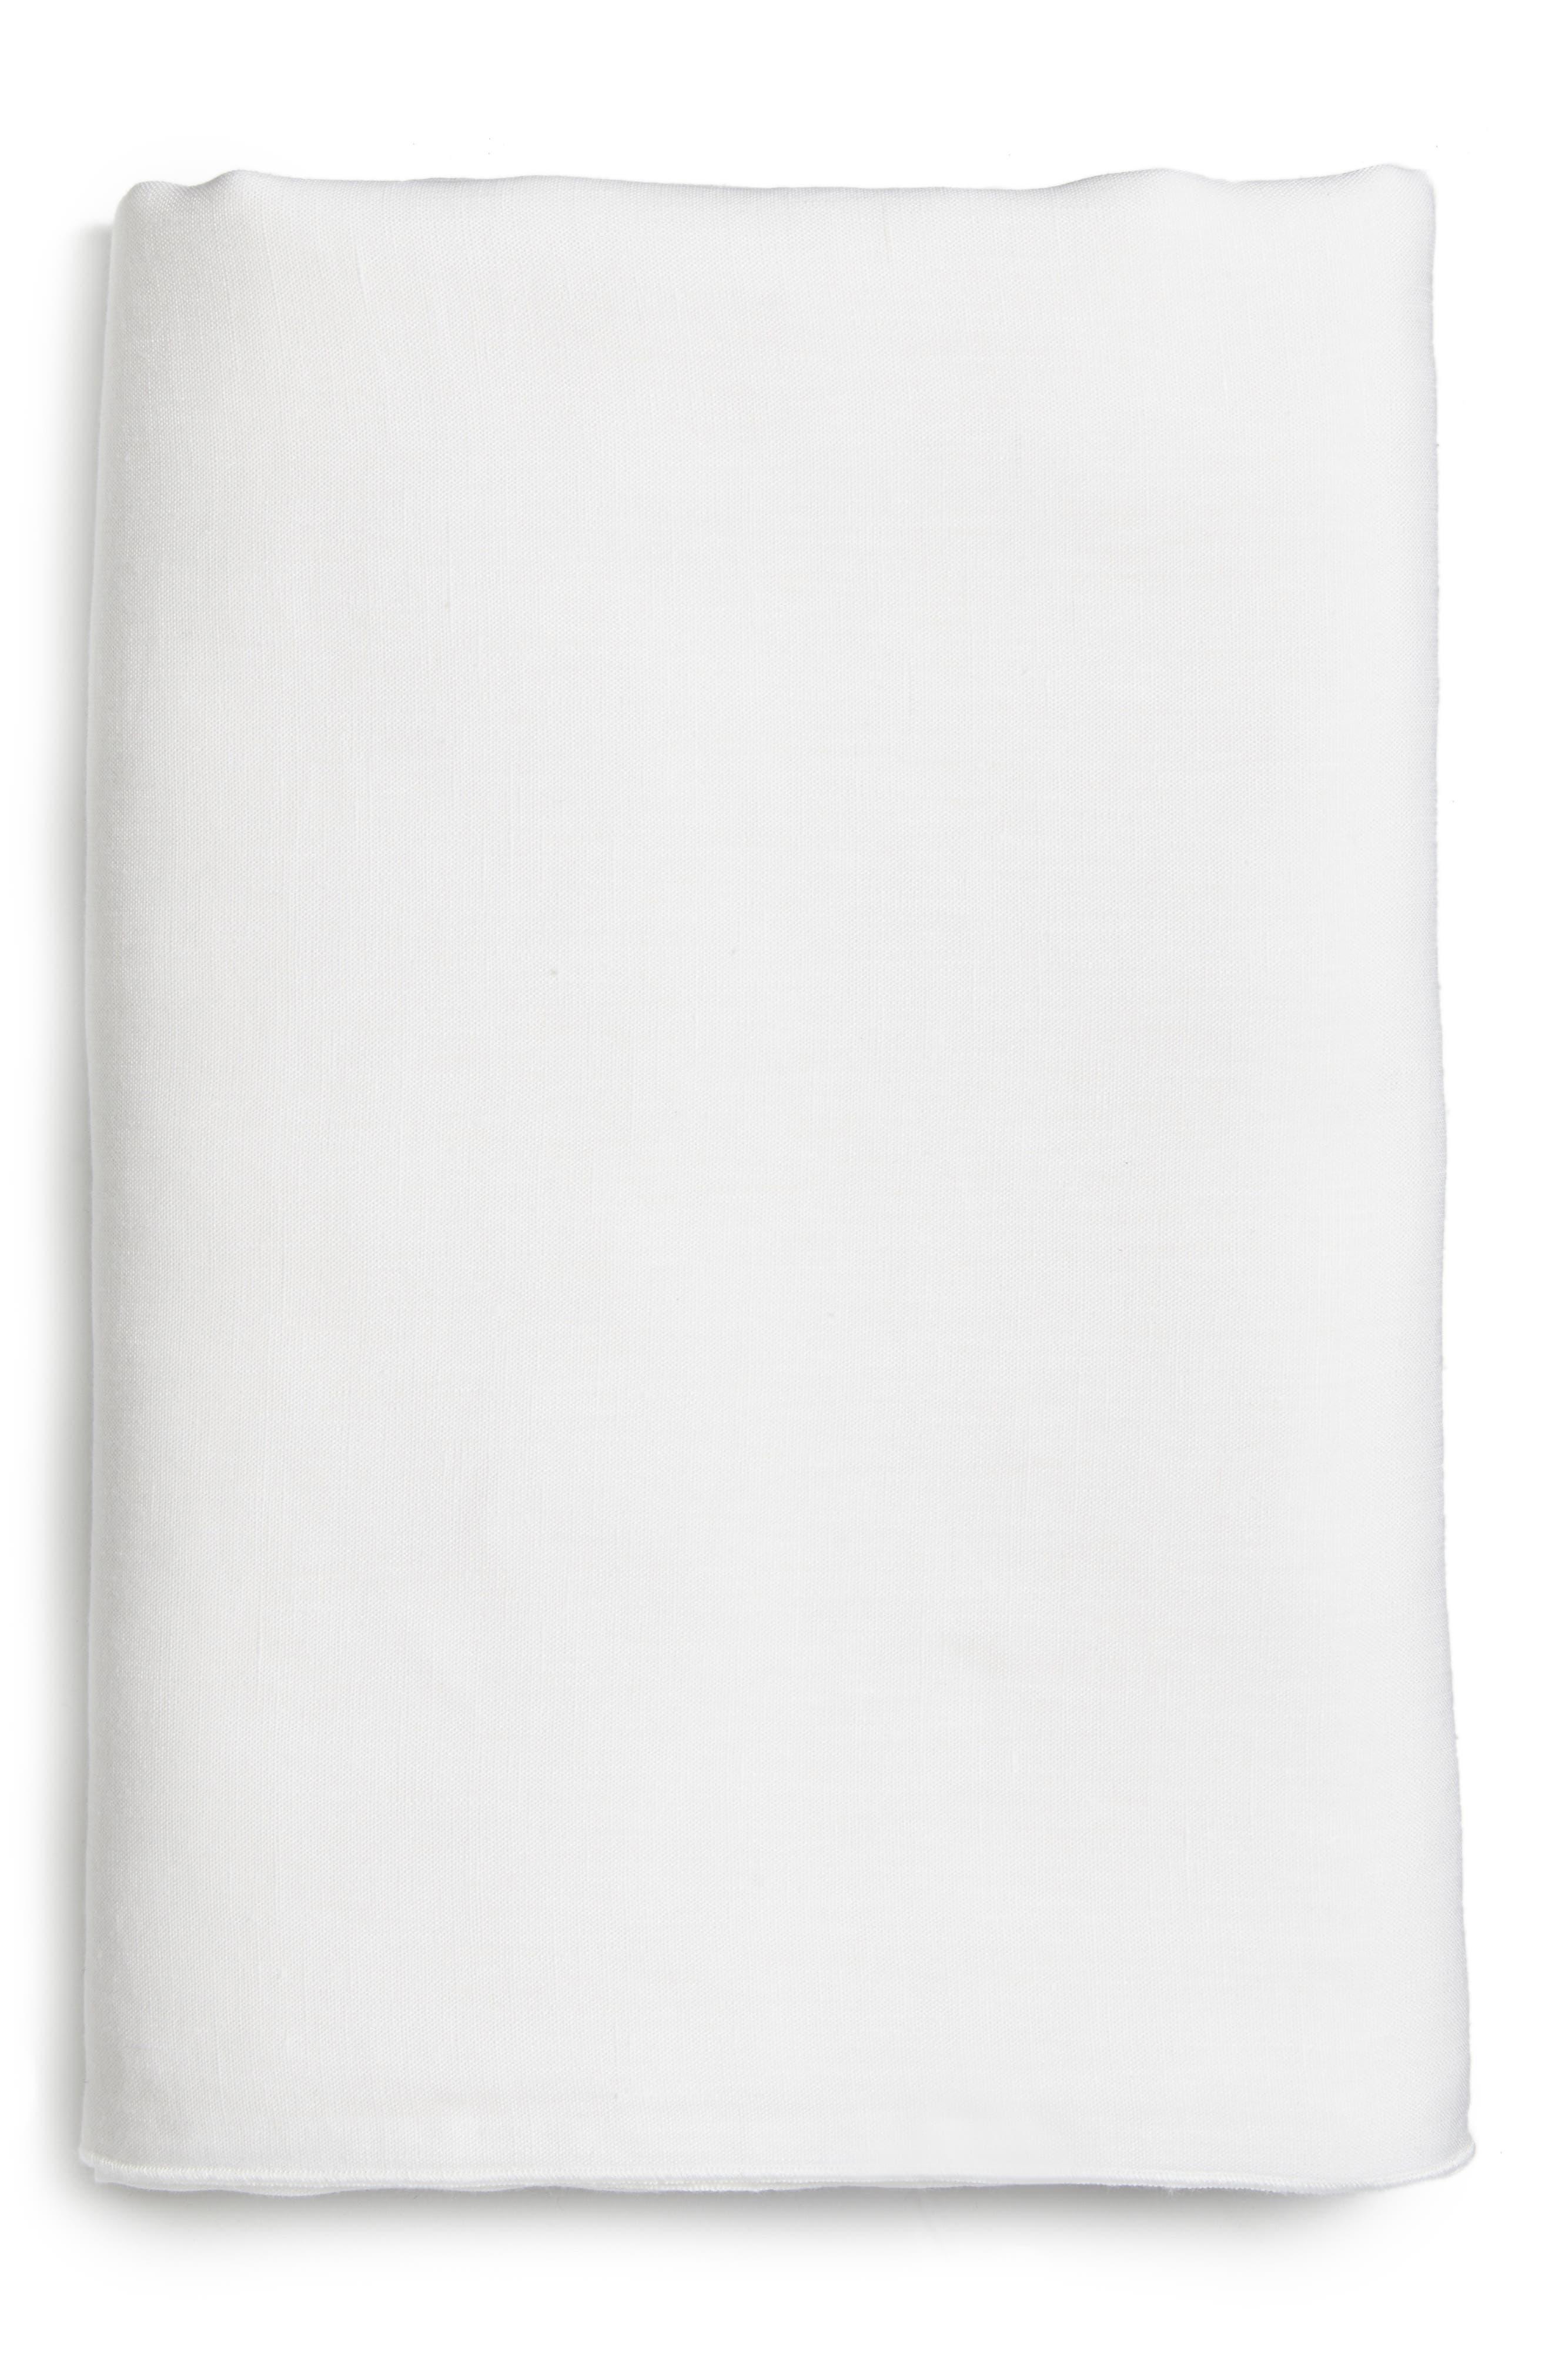 Main Image - Calvin Klein Home Solo Linen Flat Sheet